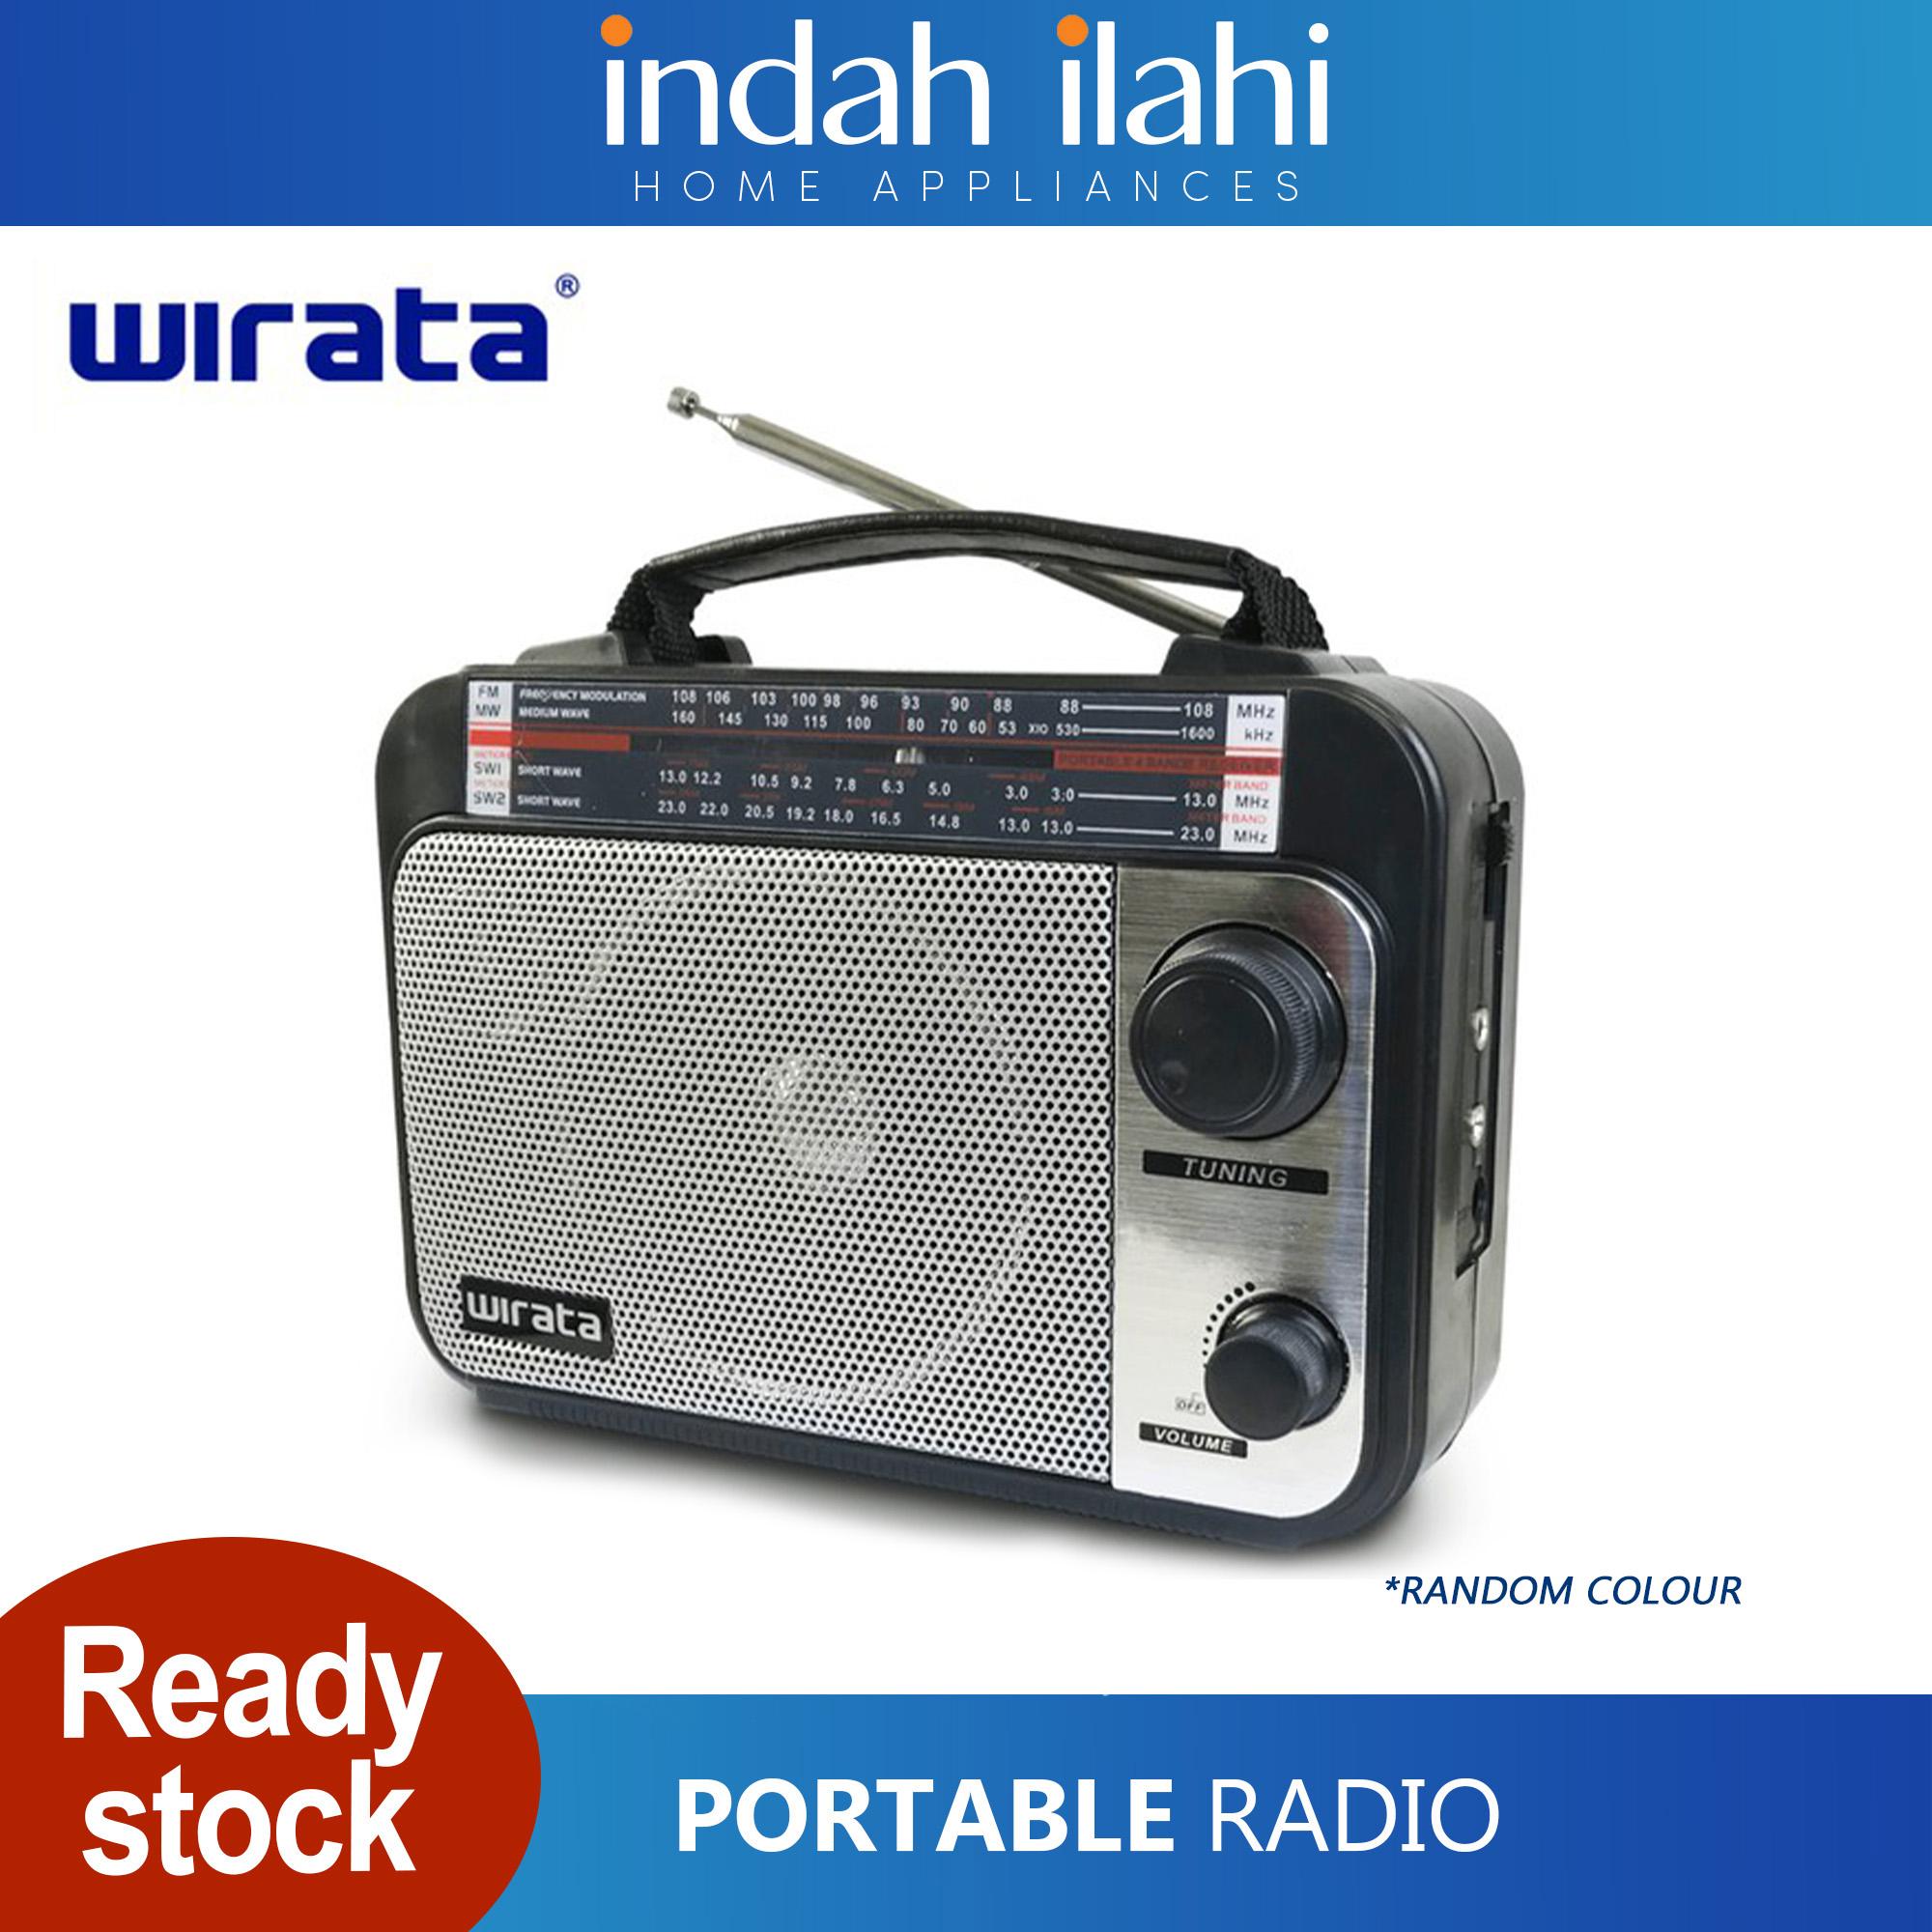 Wirata Portable Radio With AUX LTQ1 LTQ1A